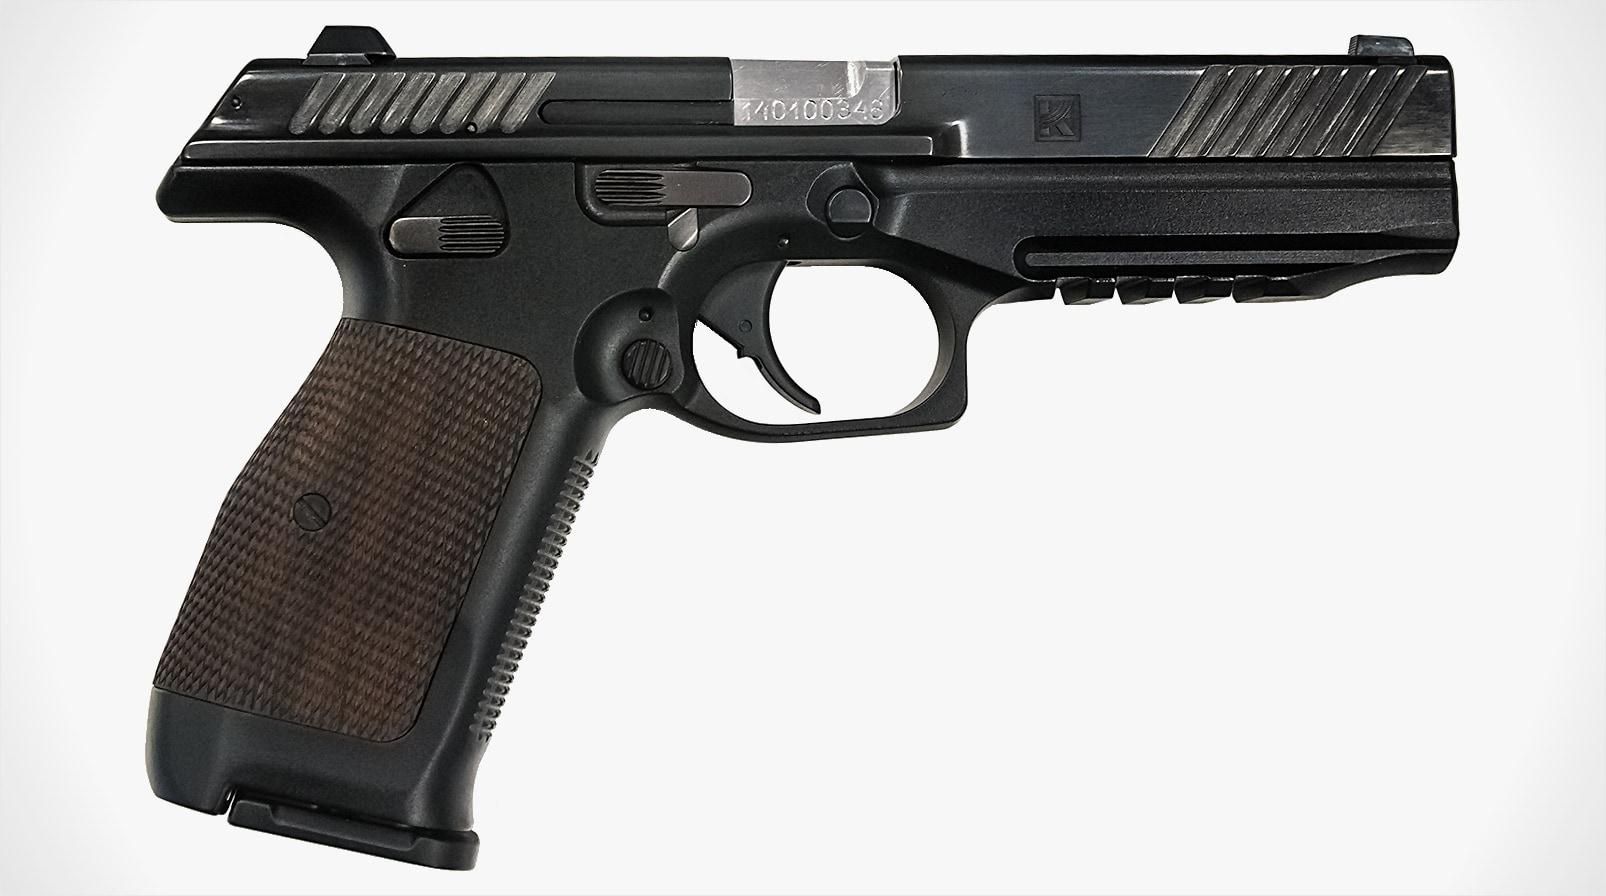 pistolet lebedeva-14 kalashnikov concern pl-14 lebedev pistol